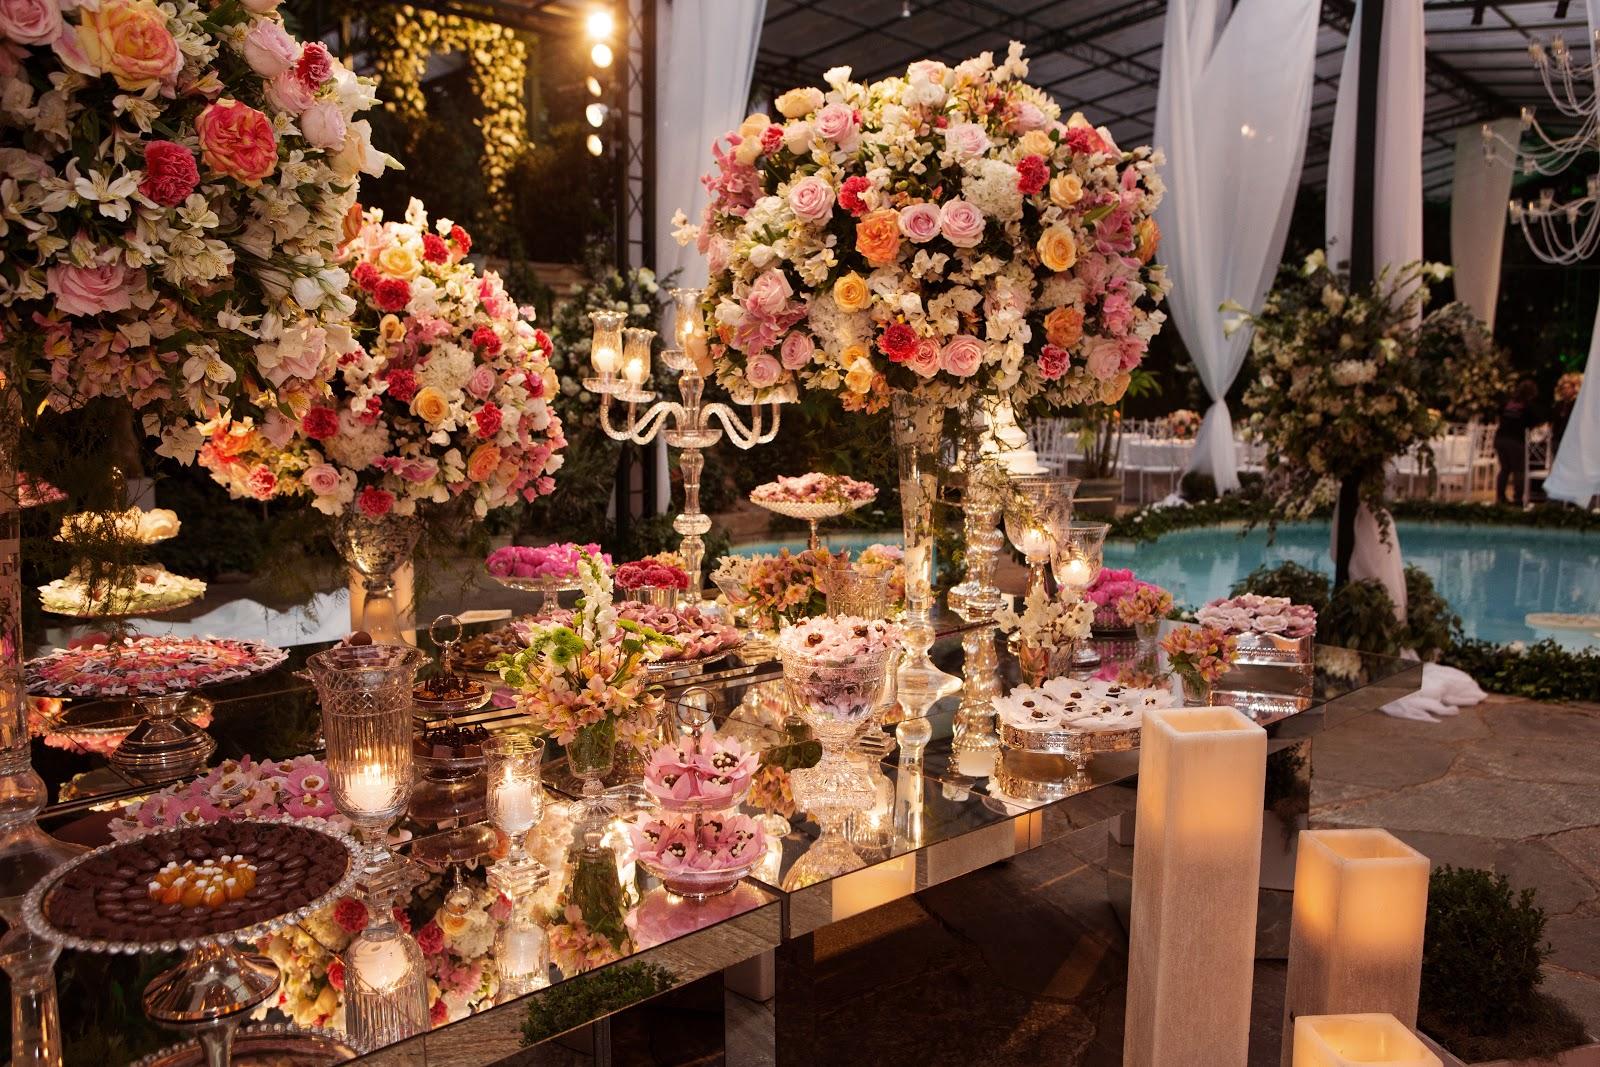 decoracao branco e salmao : Cerimonial e Decora??o - Giselle Uribbe: CASAMENTO PAULA ...